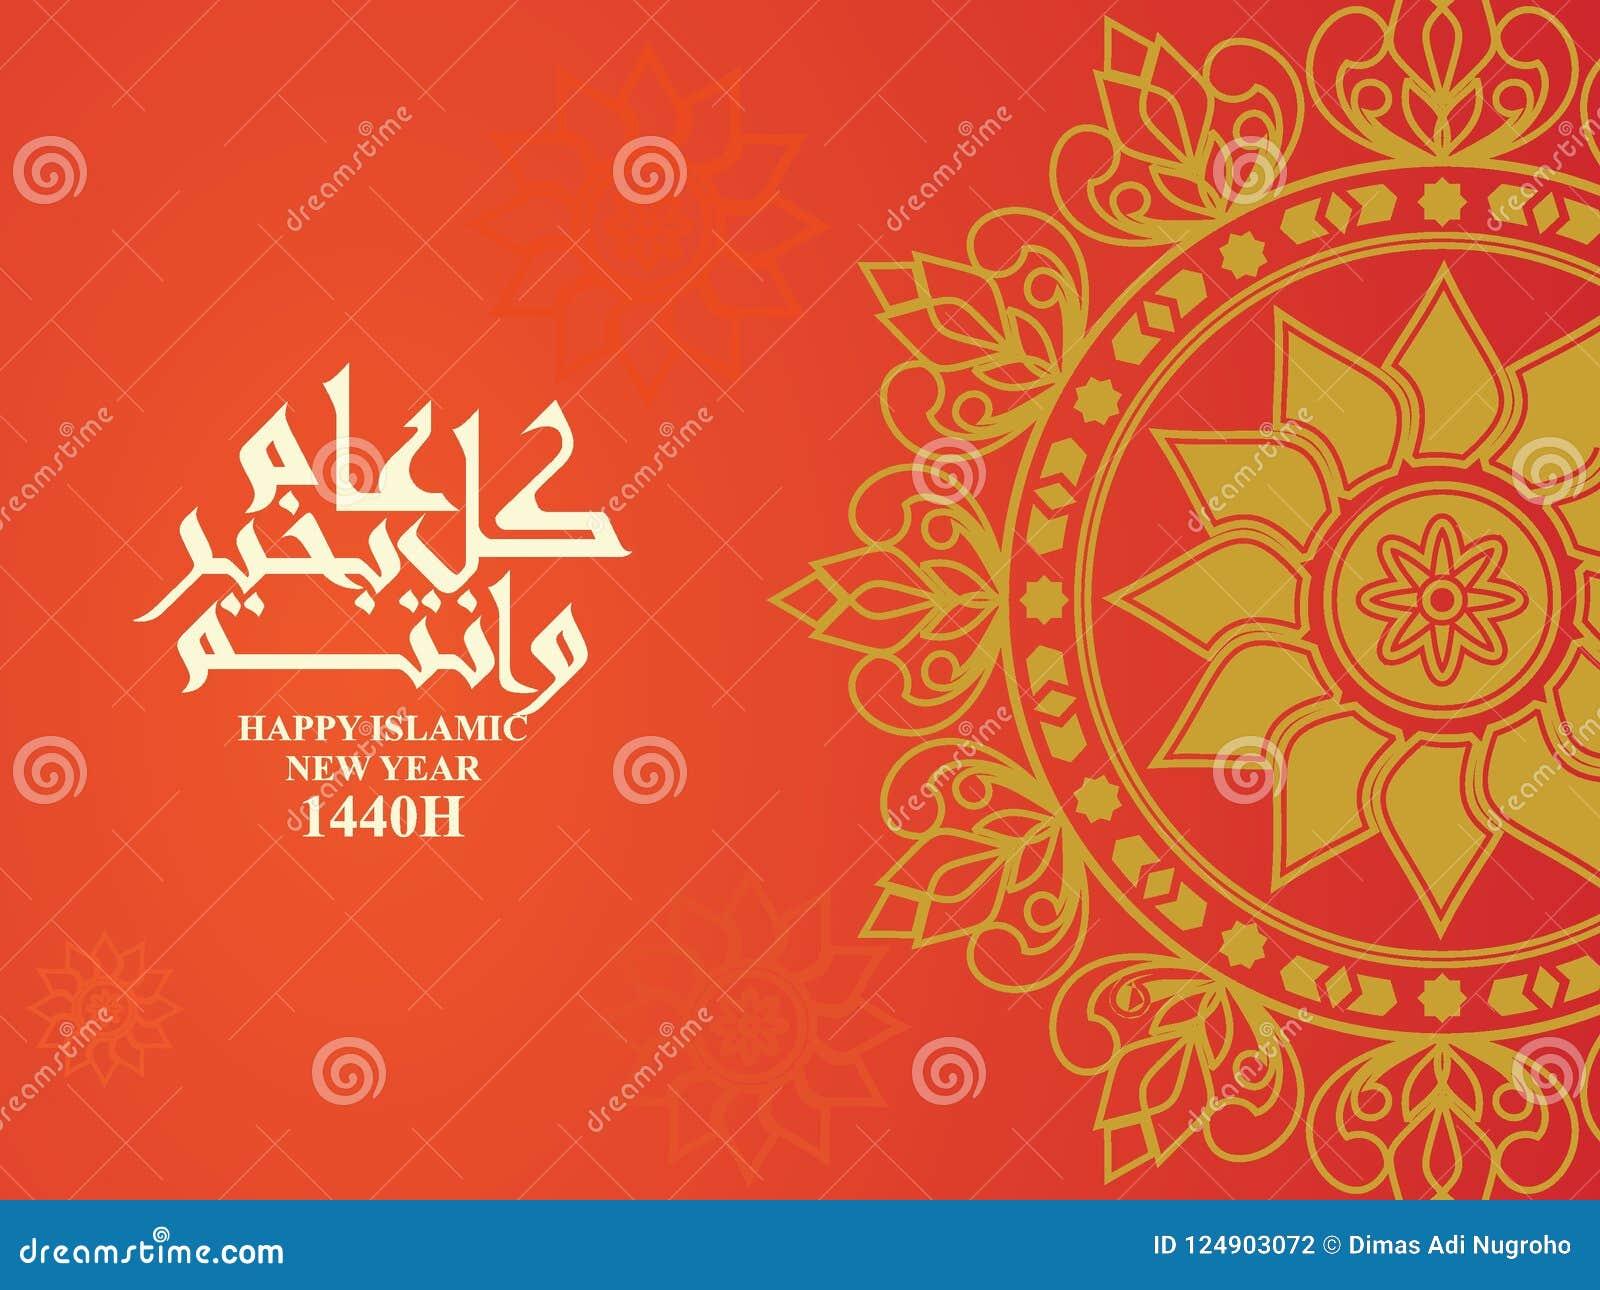 Glückliches Islamisches Neues Jahr 1440 Hijri/hijra Vektor Abbildung ...